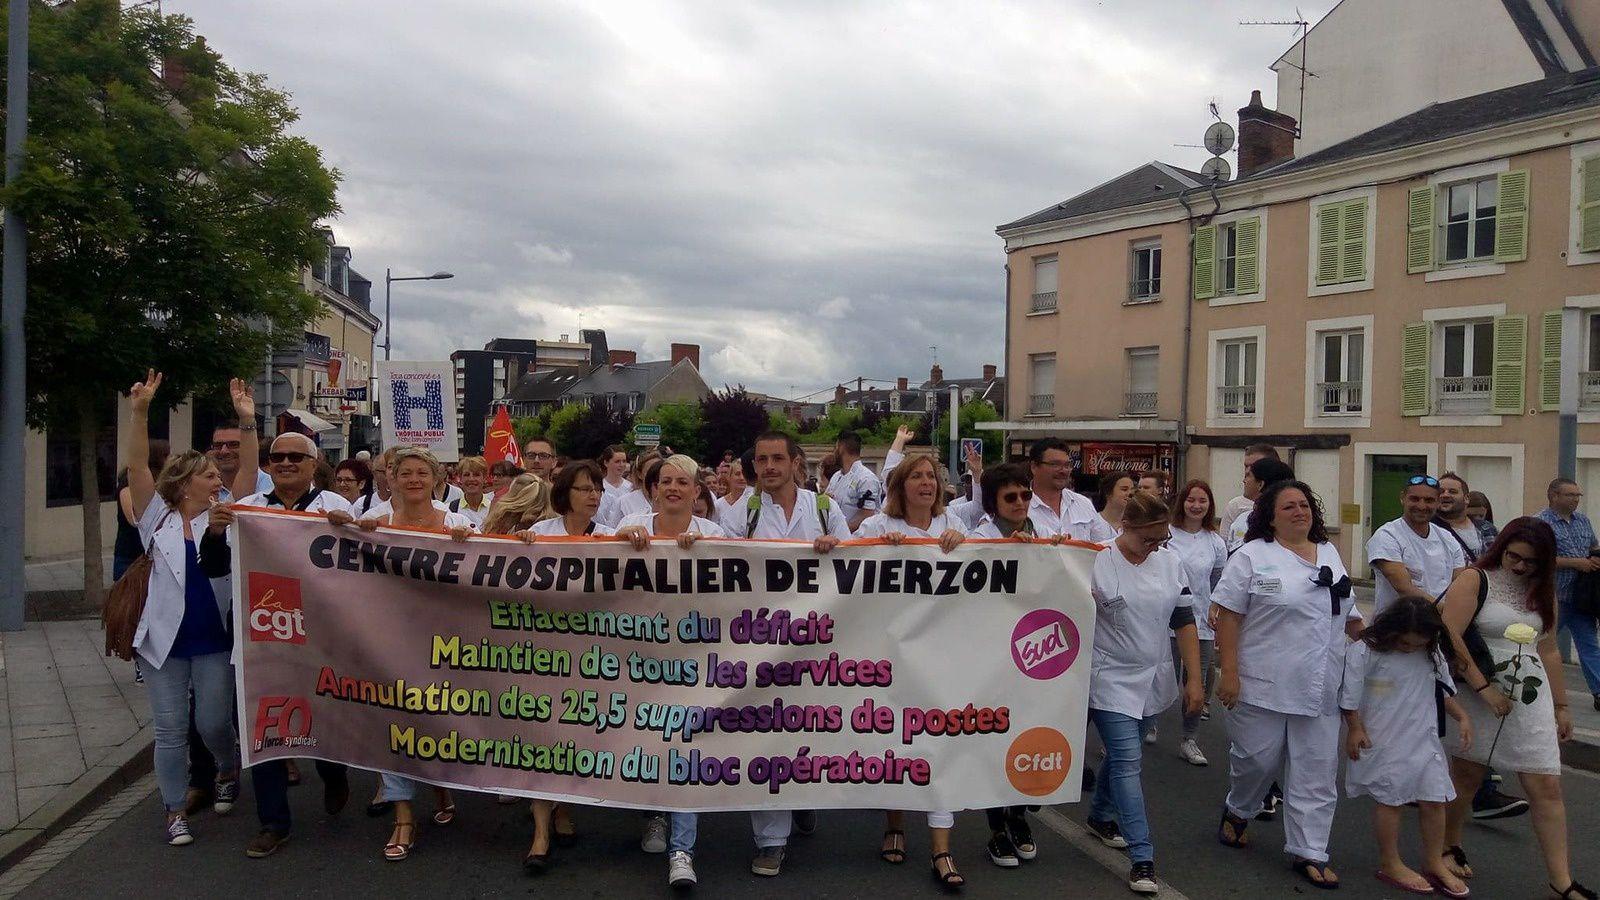 Une marée humaine a marché pour l'hôpital de Vierzon